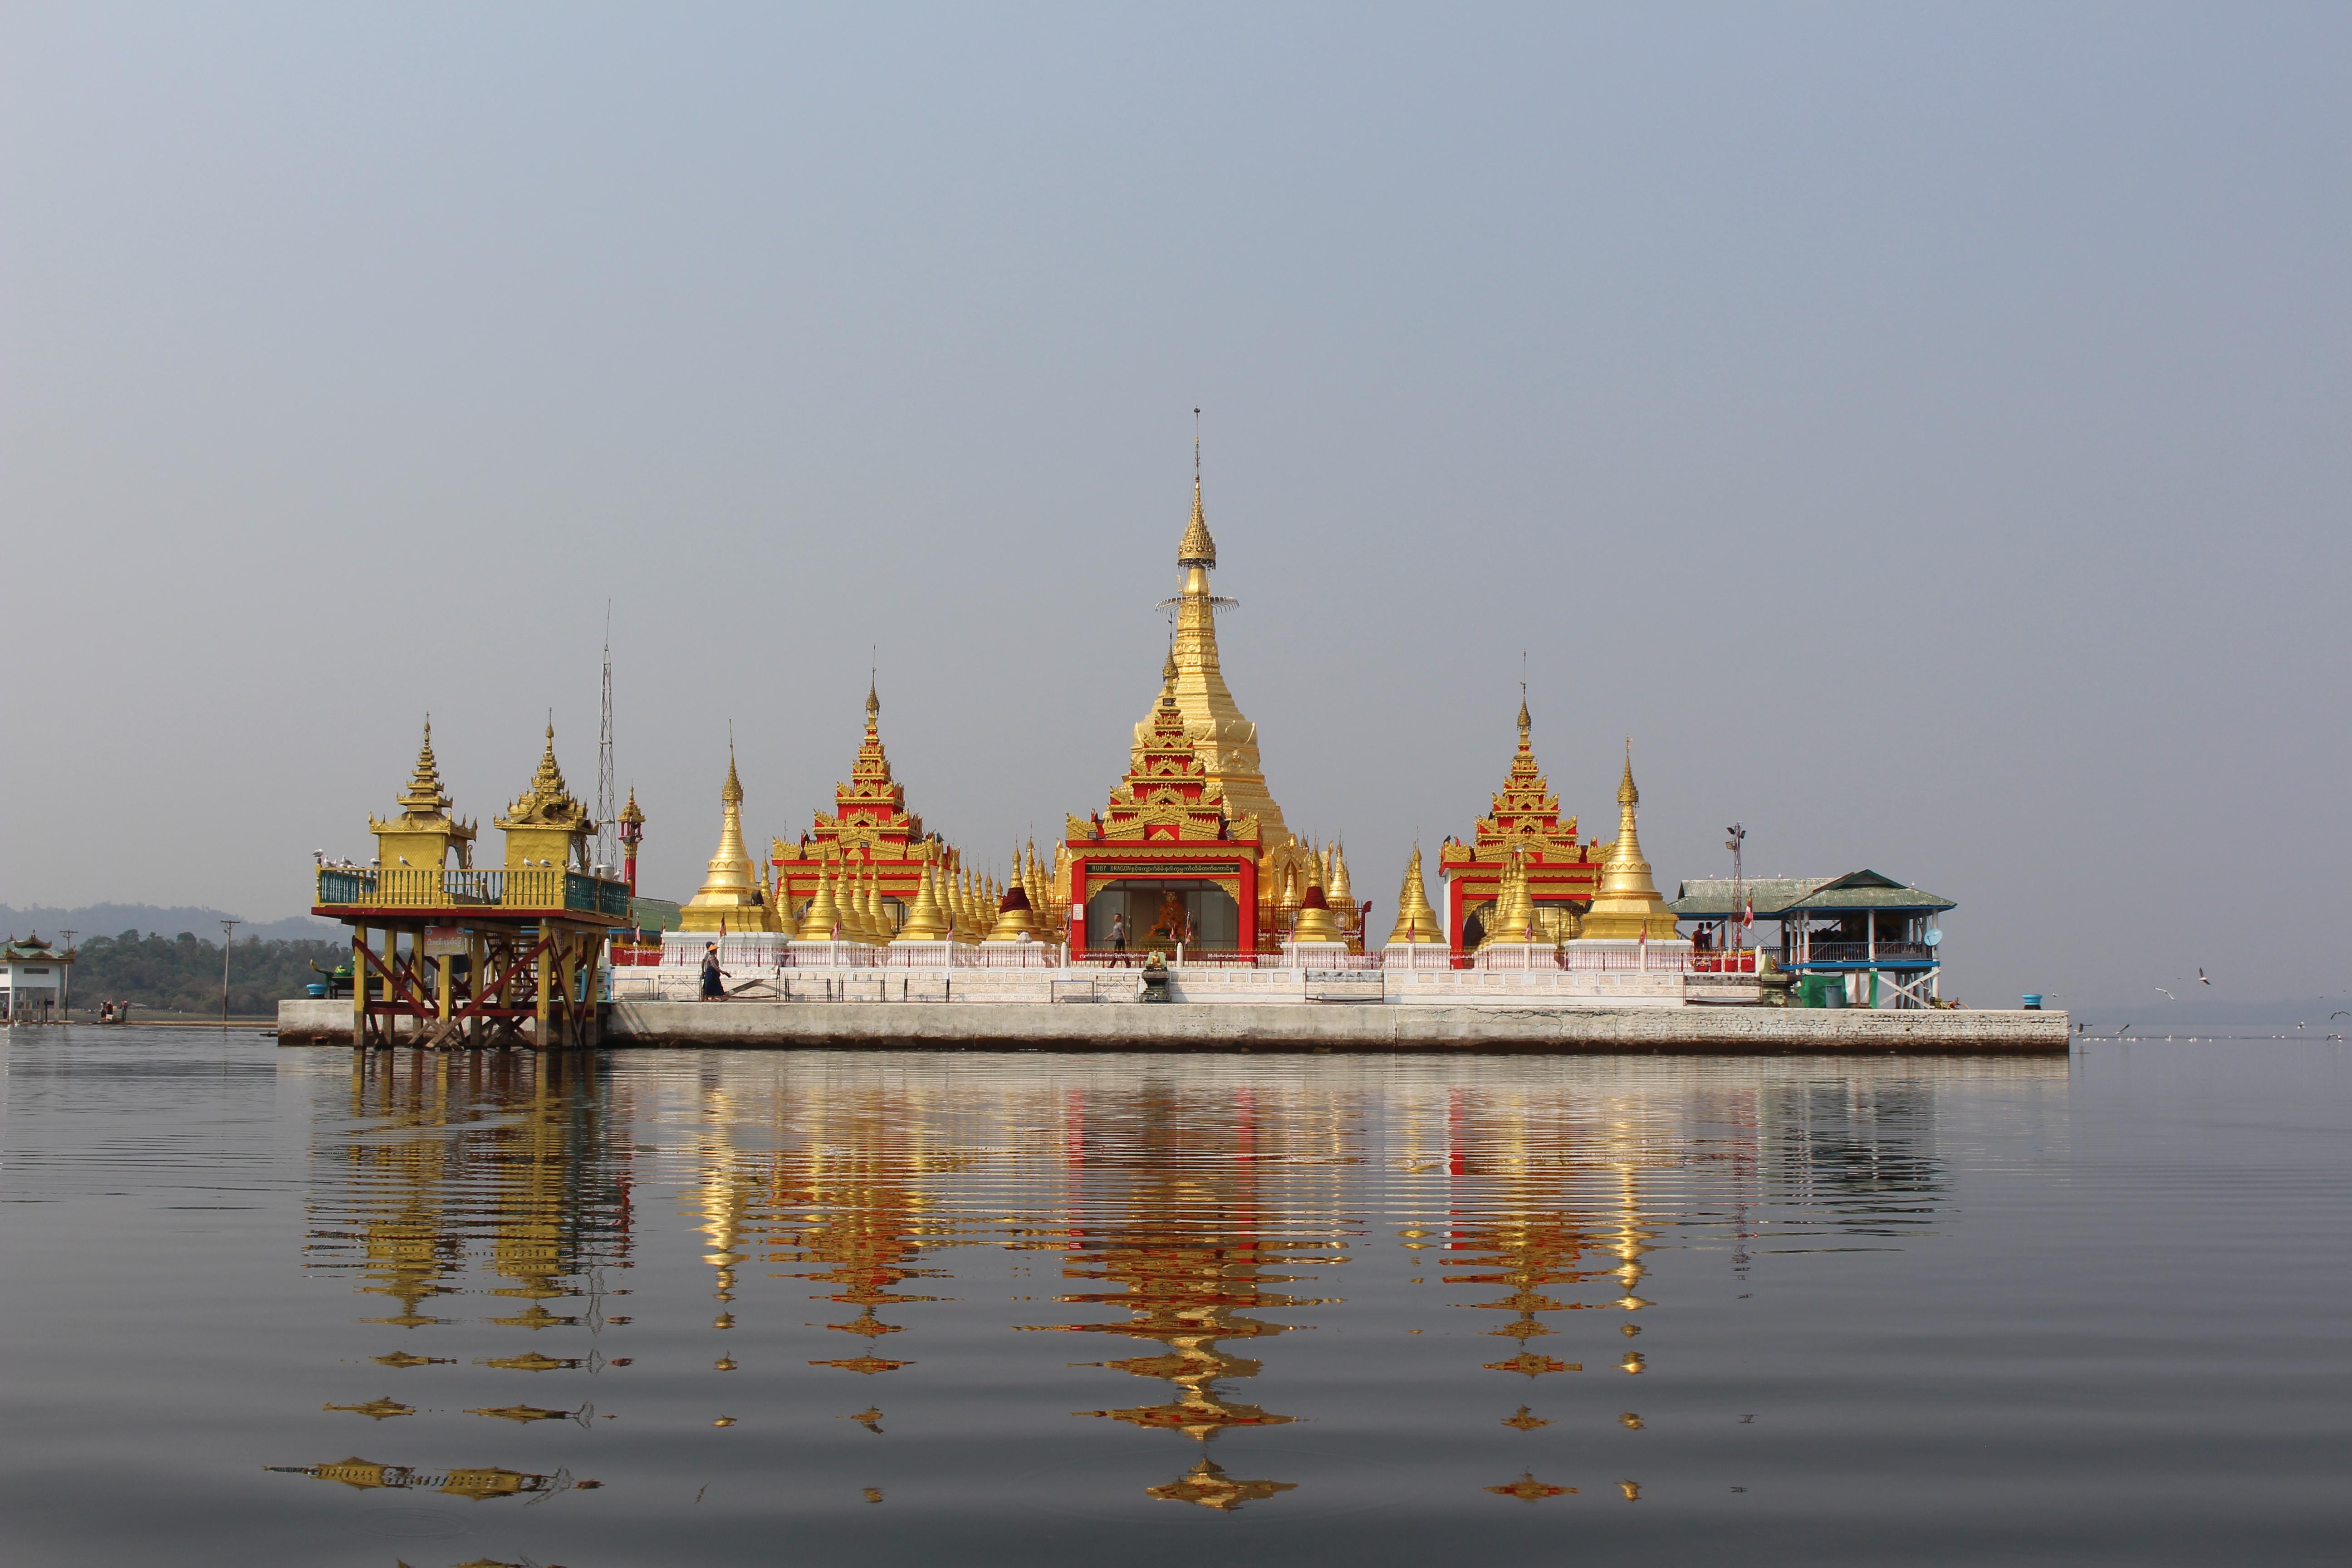 Monitoring Visit To Indaw Gyi Lake Area